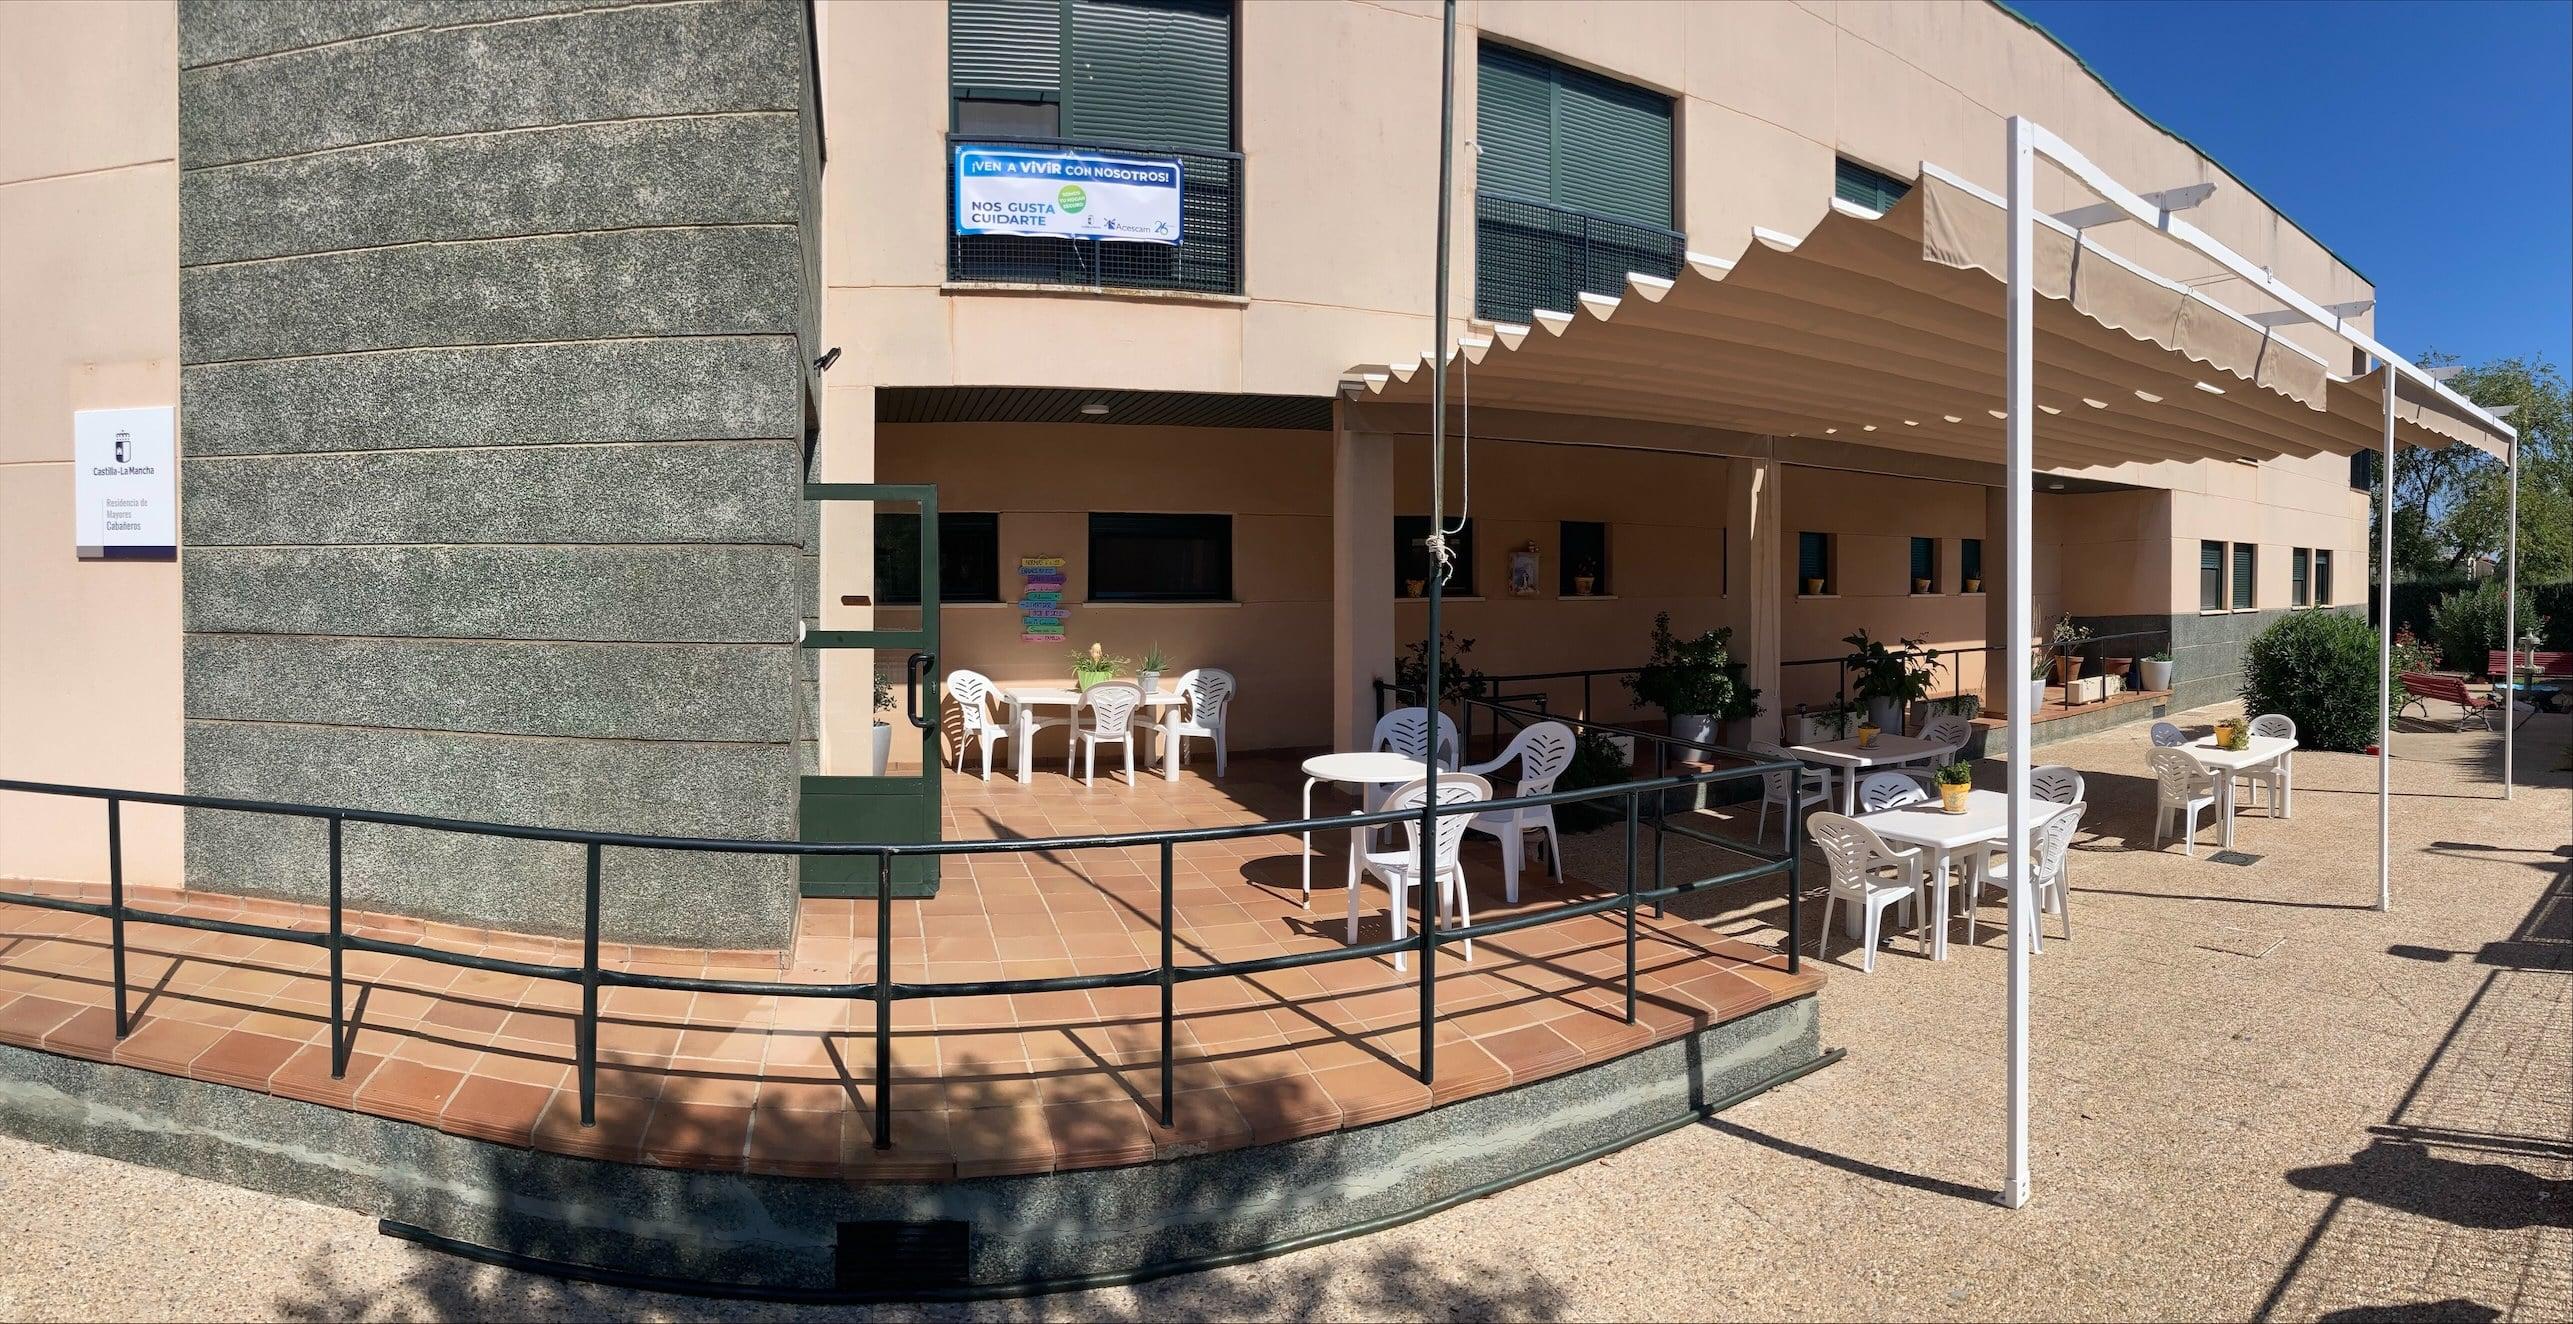 Centro_Cabaneros_-_fachada